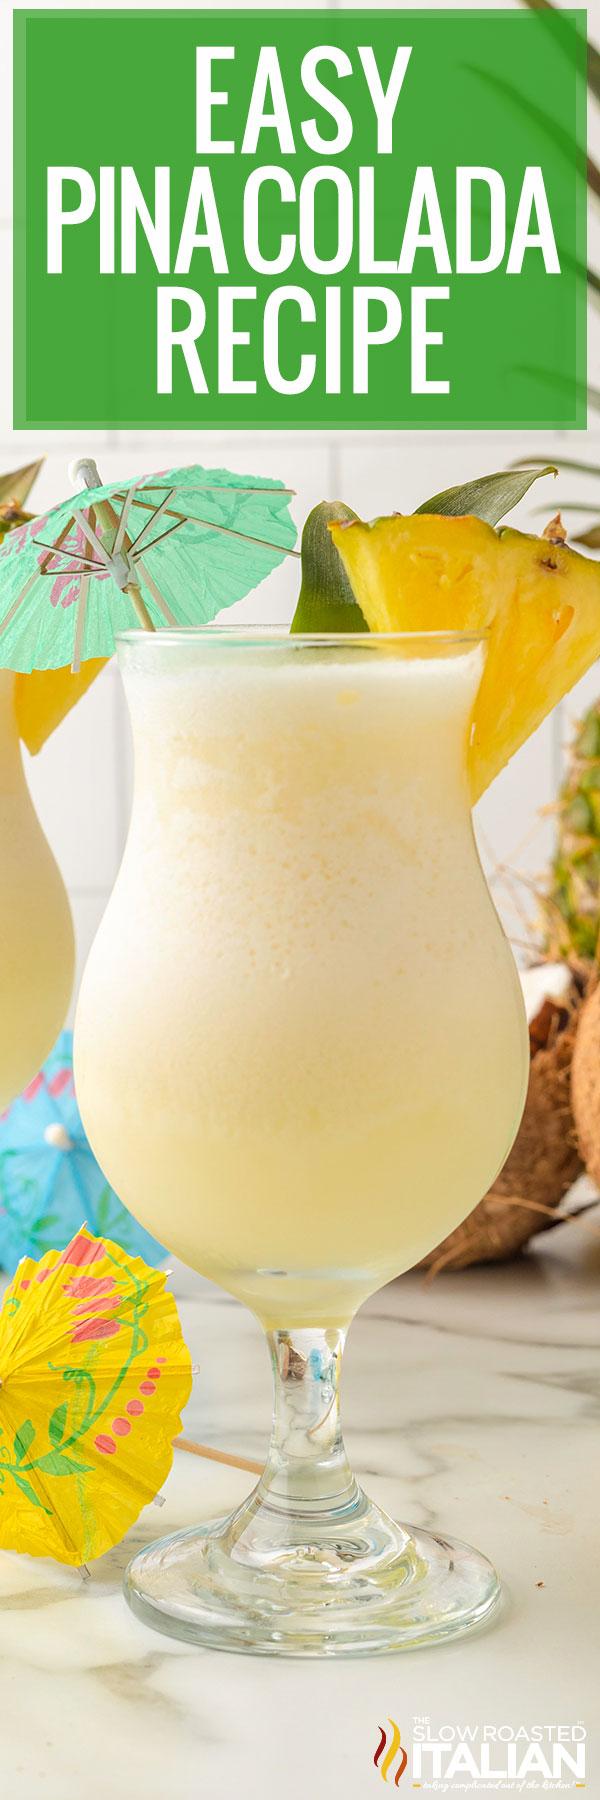 Easy Pina Colada Recipe close up